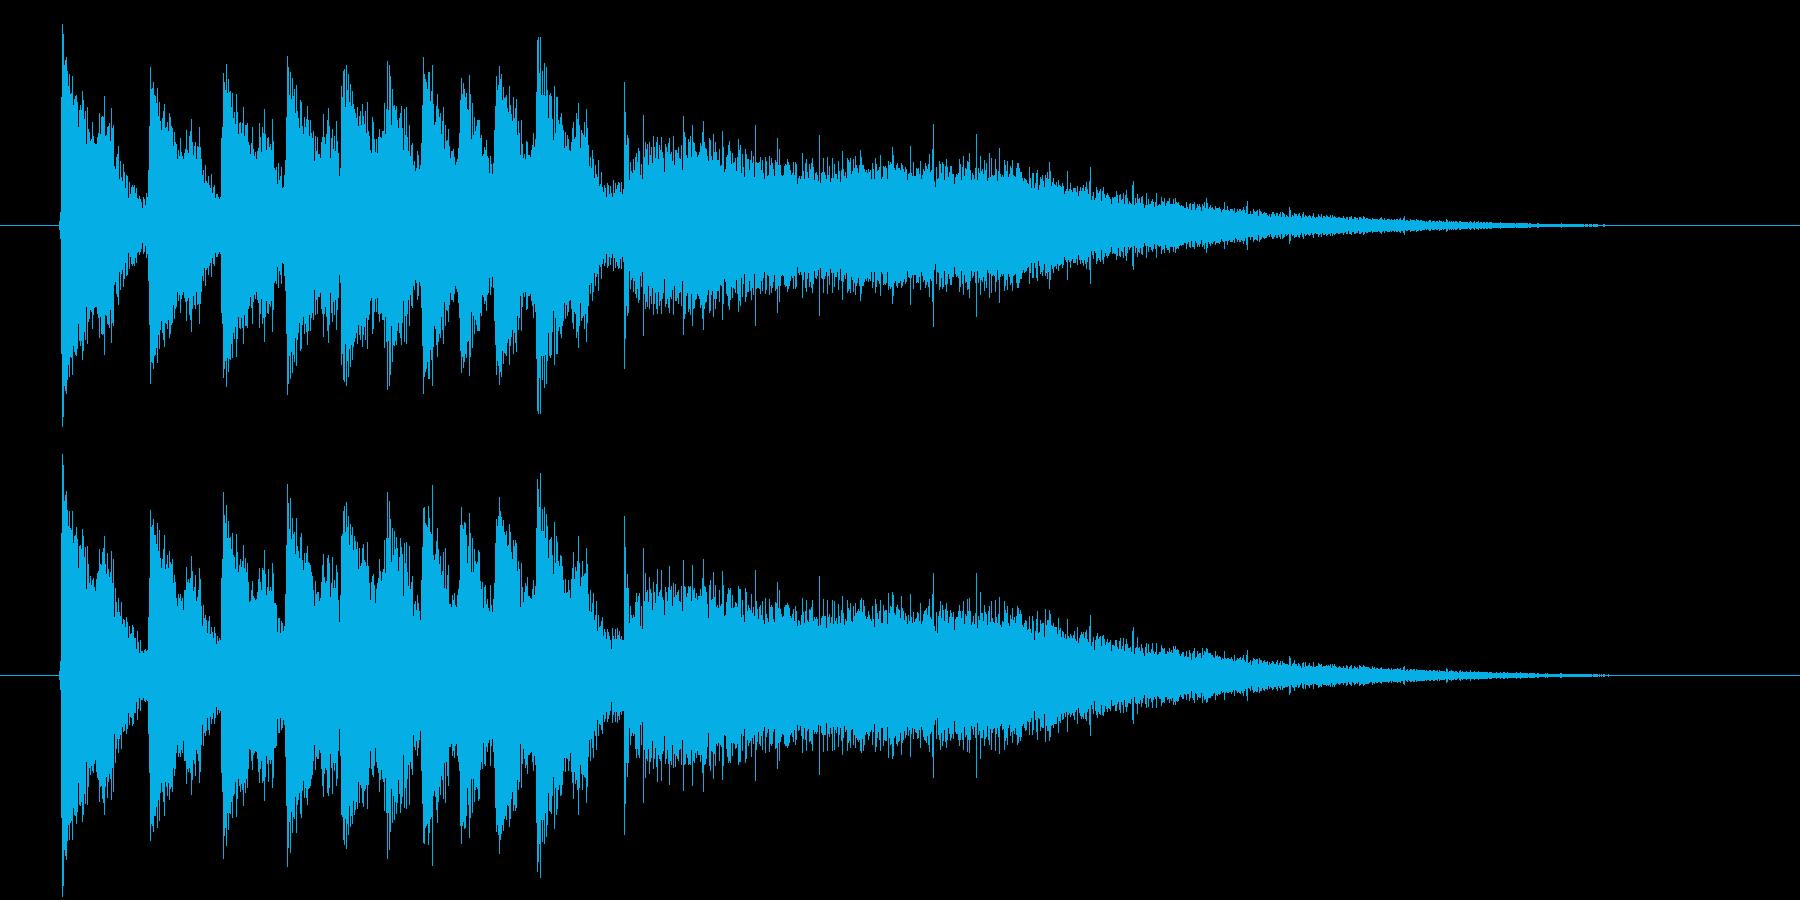 ジャンジャンジャーンというドラの音の再生済みの波形